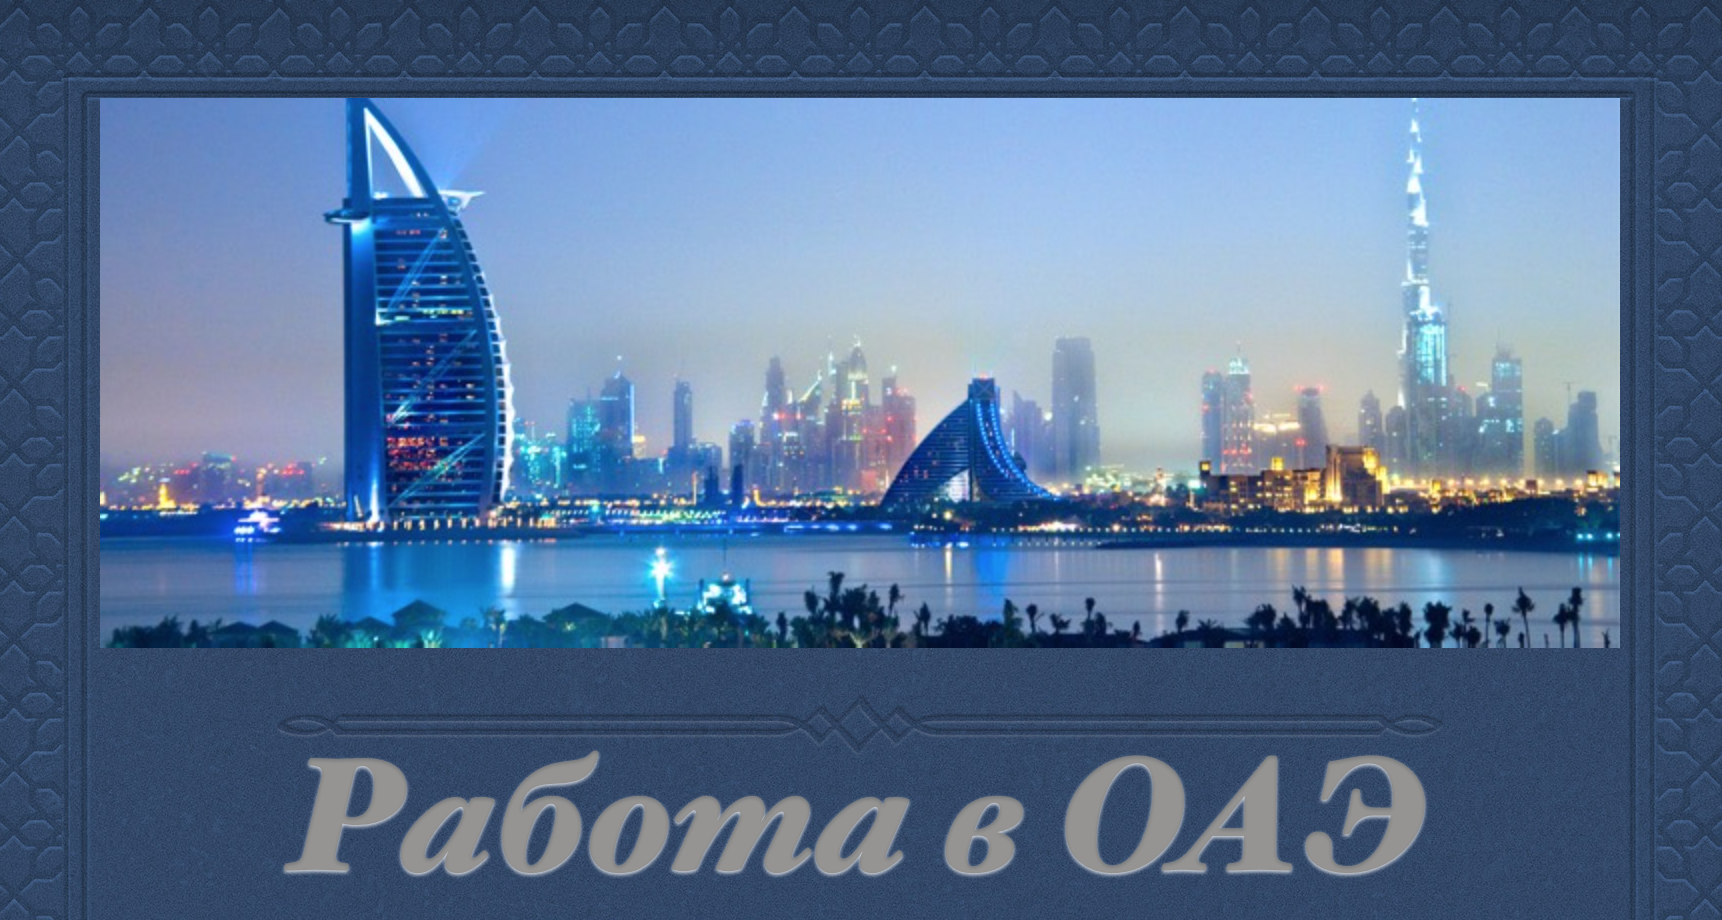 Работа в ОАЭ, Работа в Эмиратах